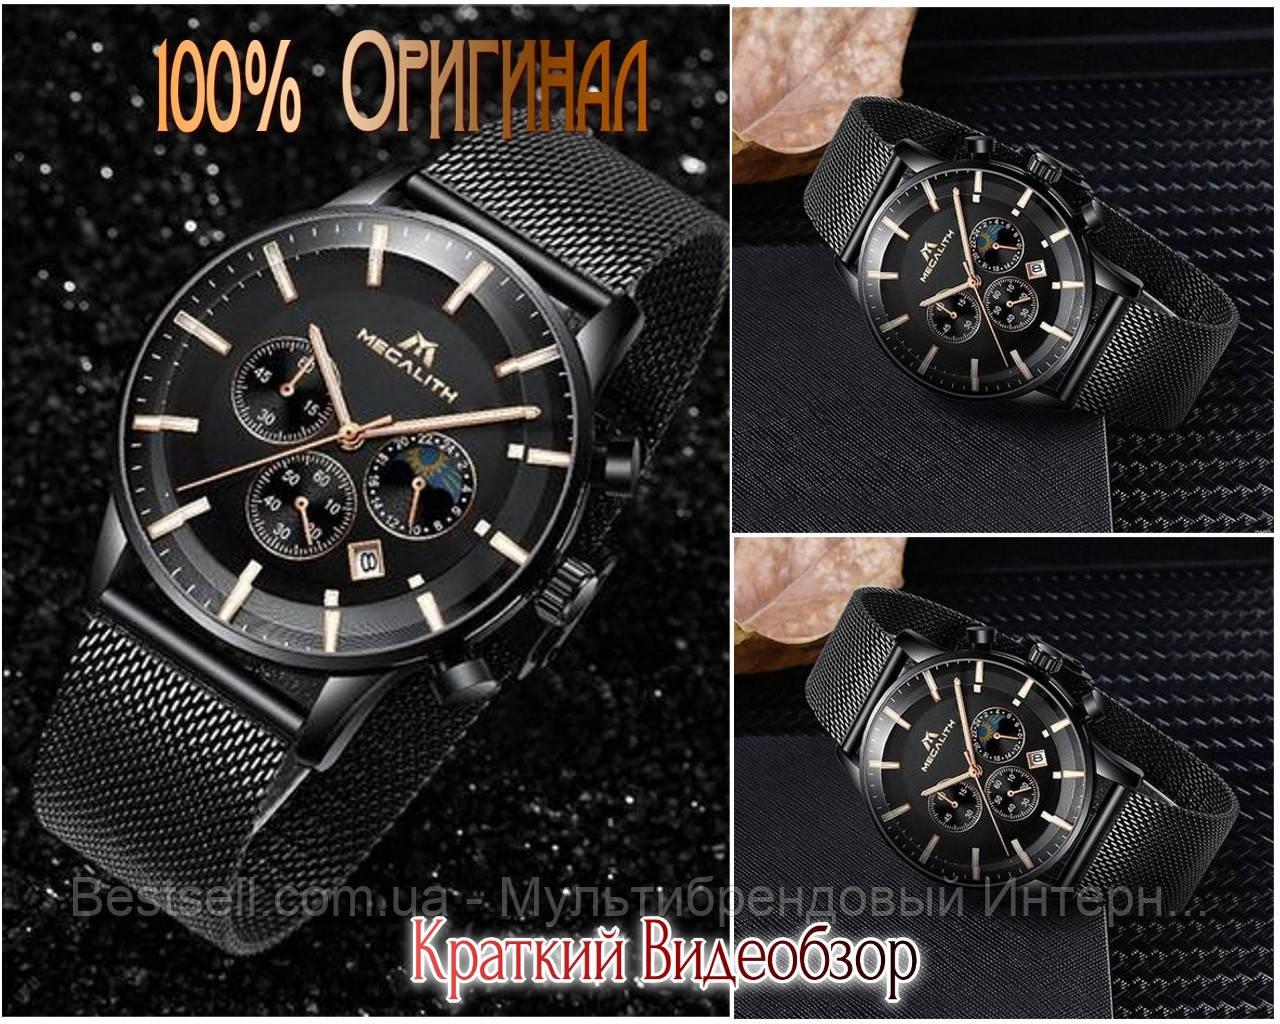 Часы оригинальные мужские наручные кварцевые Megalith 8089 Black-Cuprum / часы оригиналы черные